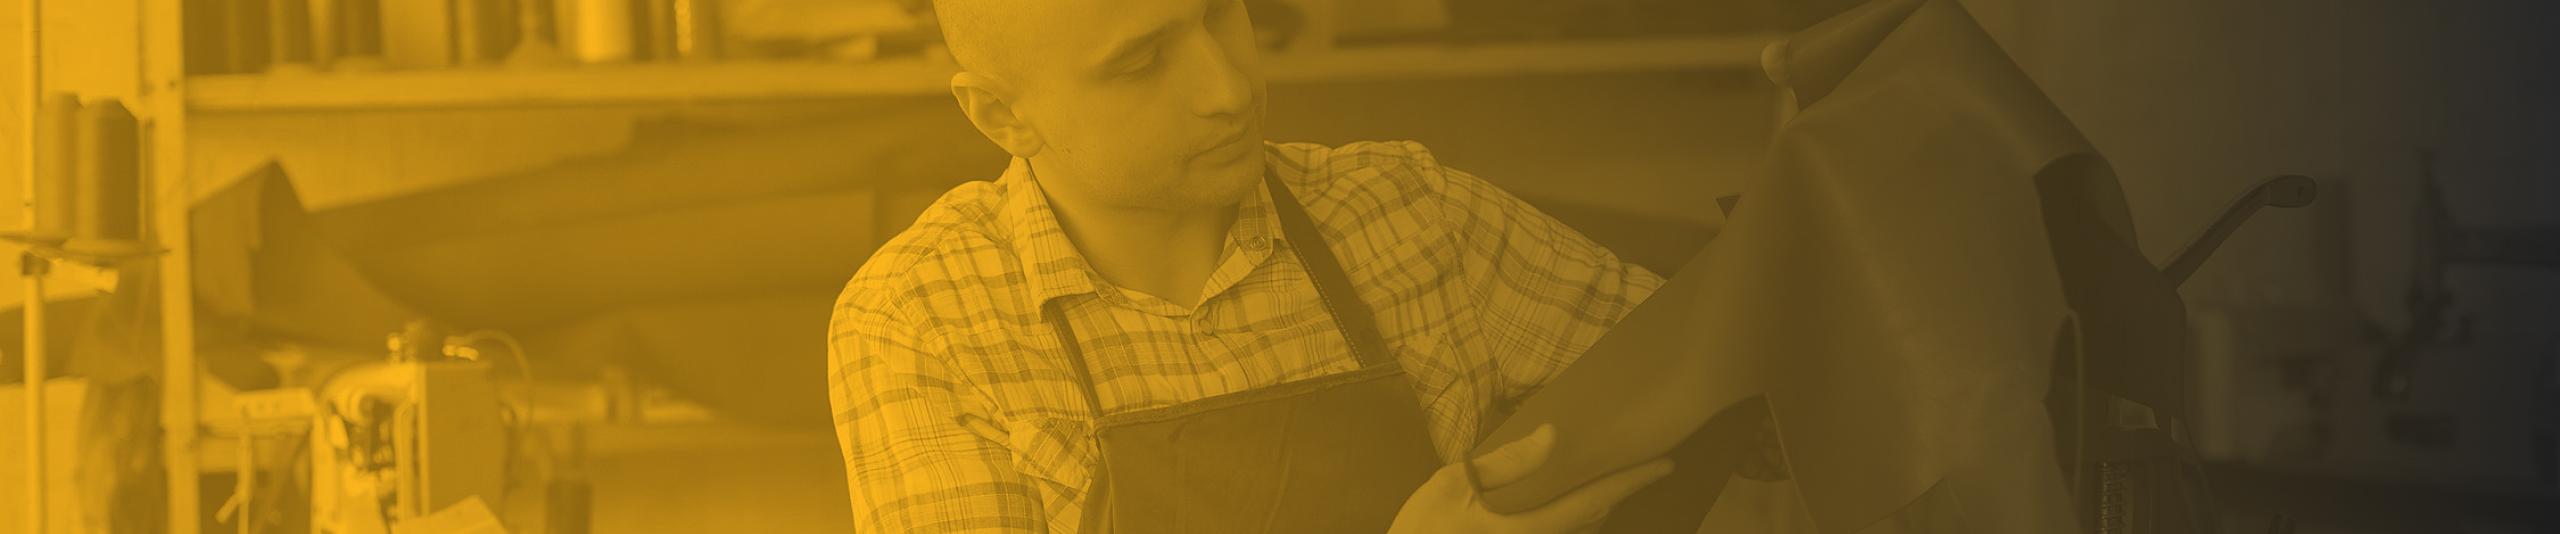 Conheça as melhores soluções de seguros de acidentes de trabalho para empresas